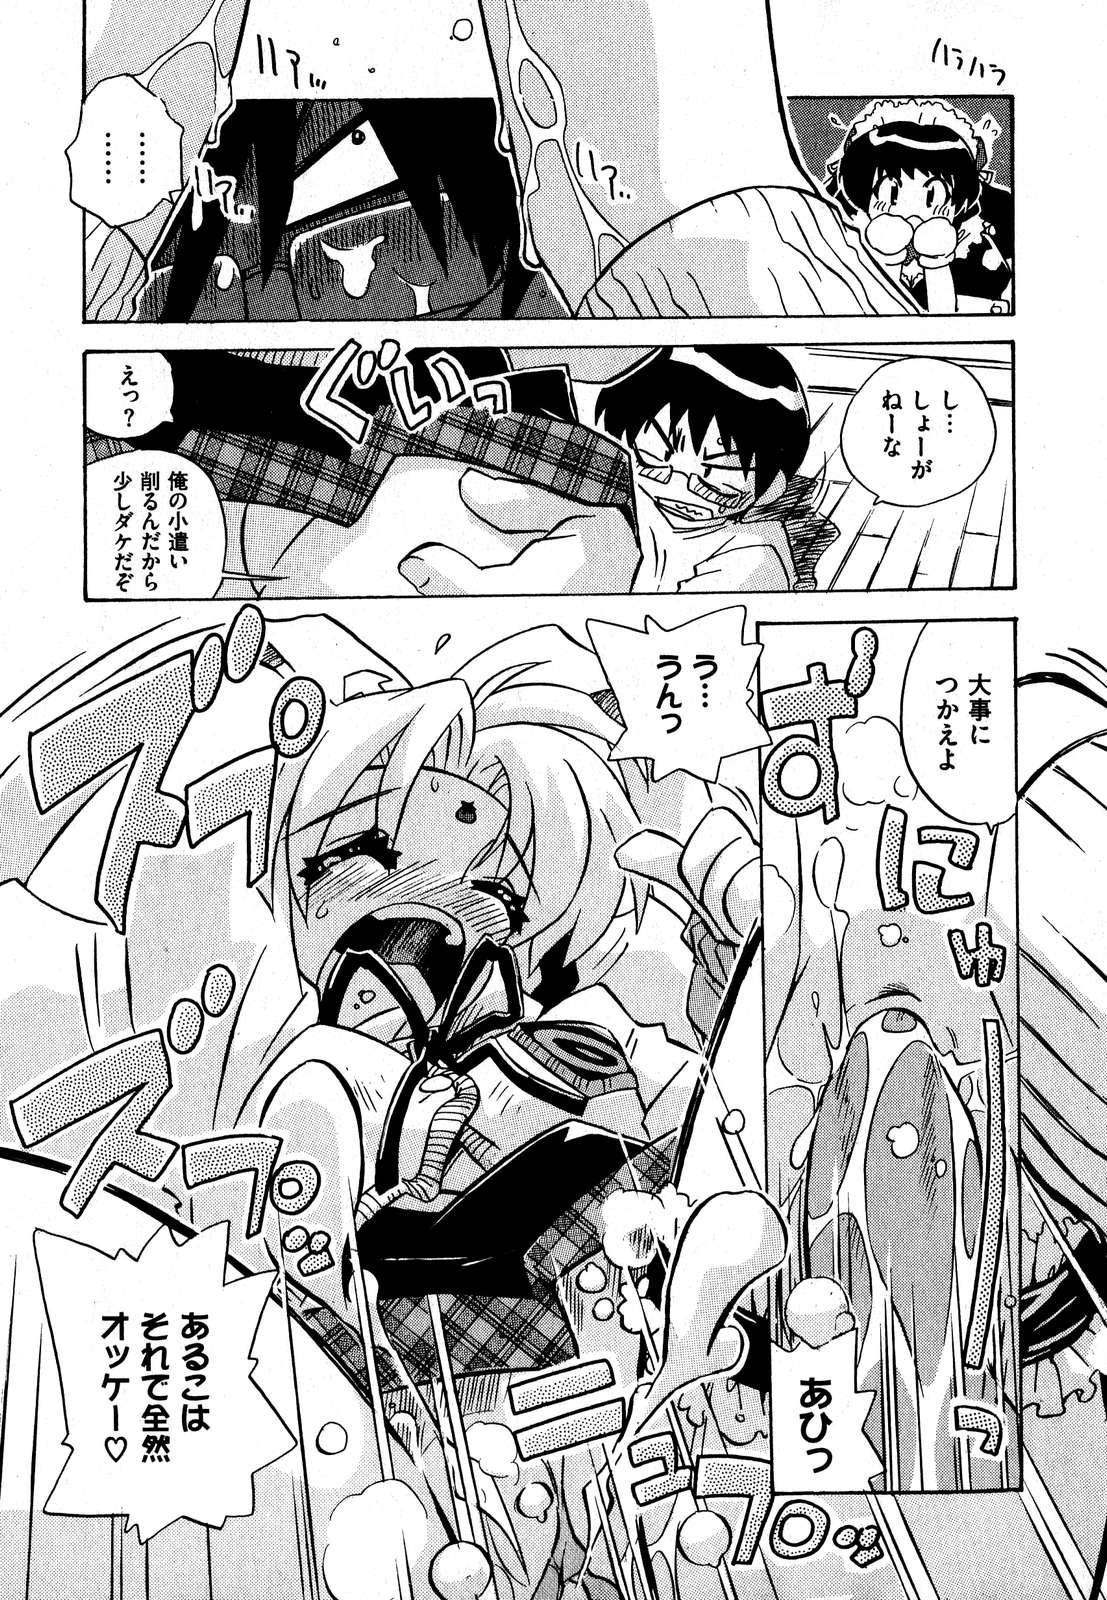 COMIC XO 2007-09 Vol. 16 218